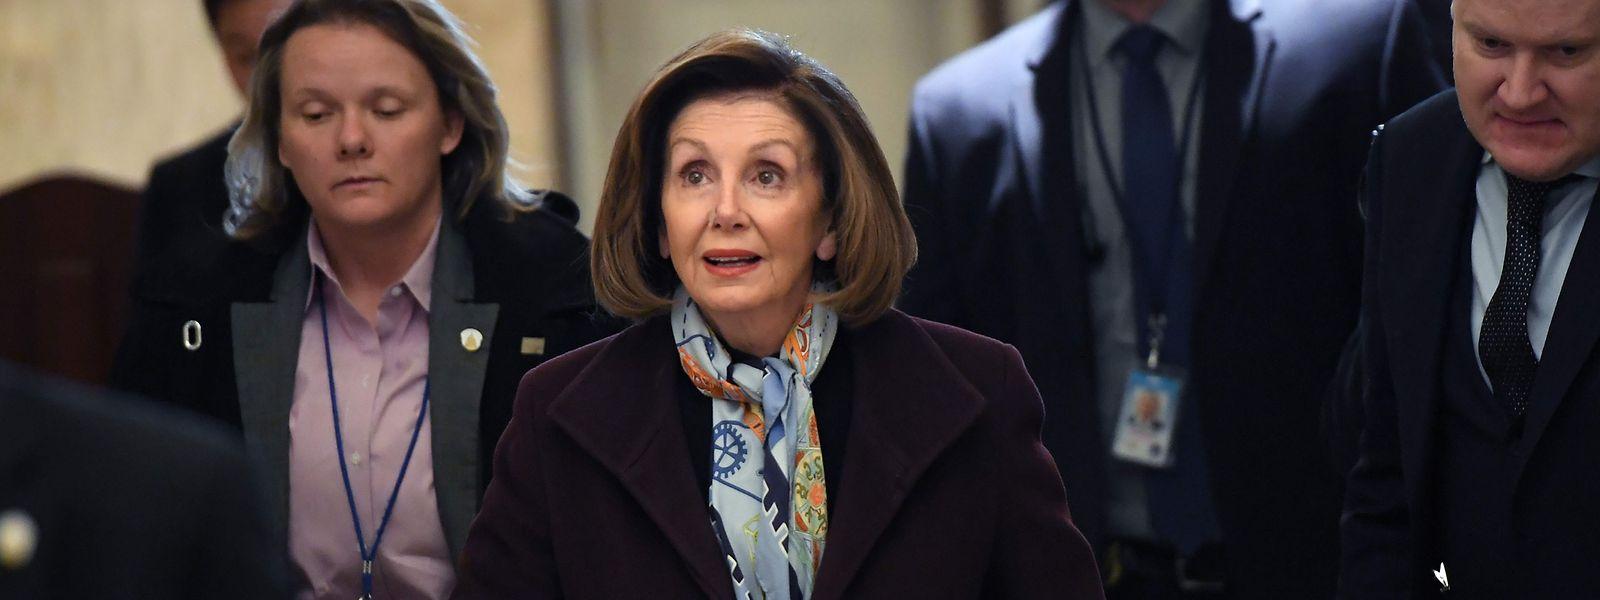 Die Vorsitzende des US-Repräsentatenhauses Nancy Palosi bei ihrer Ankunft im Kapitol.